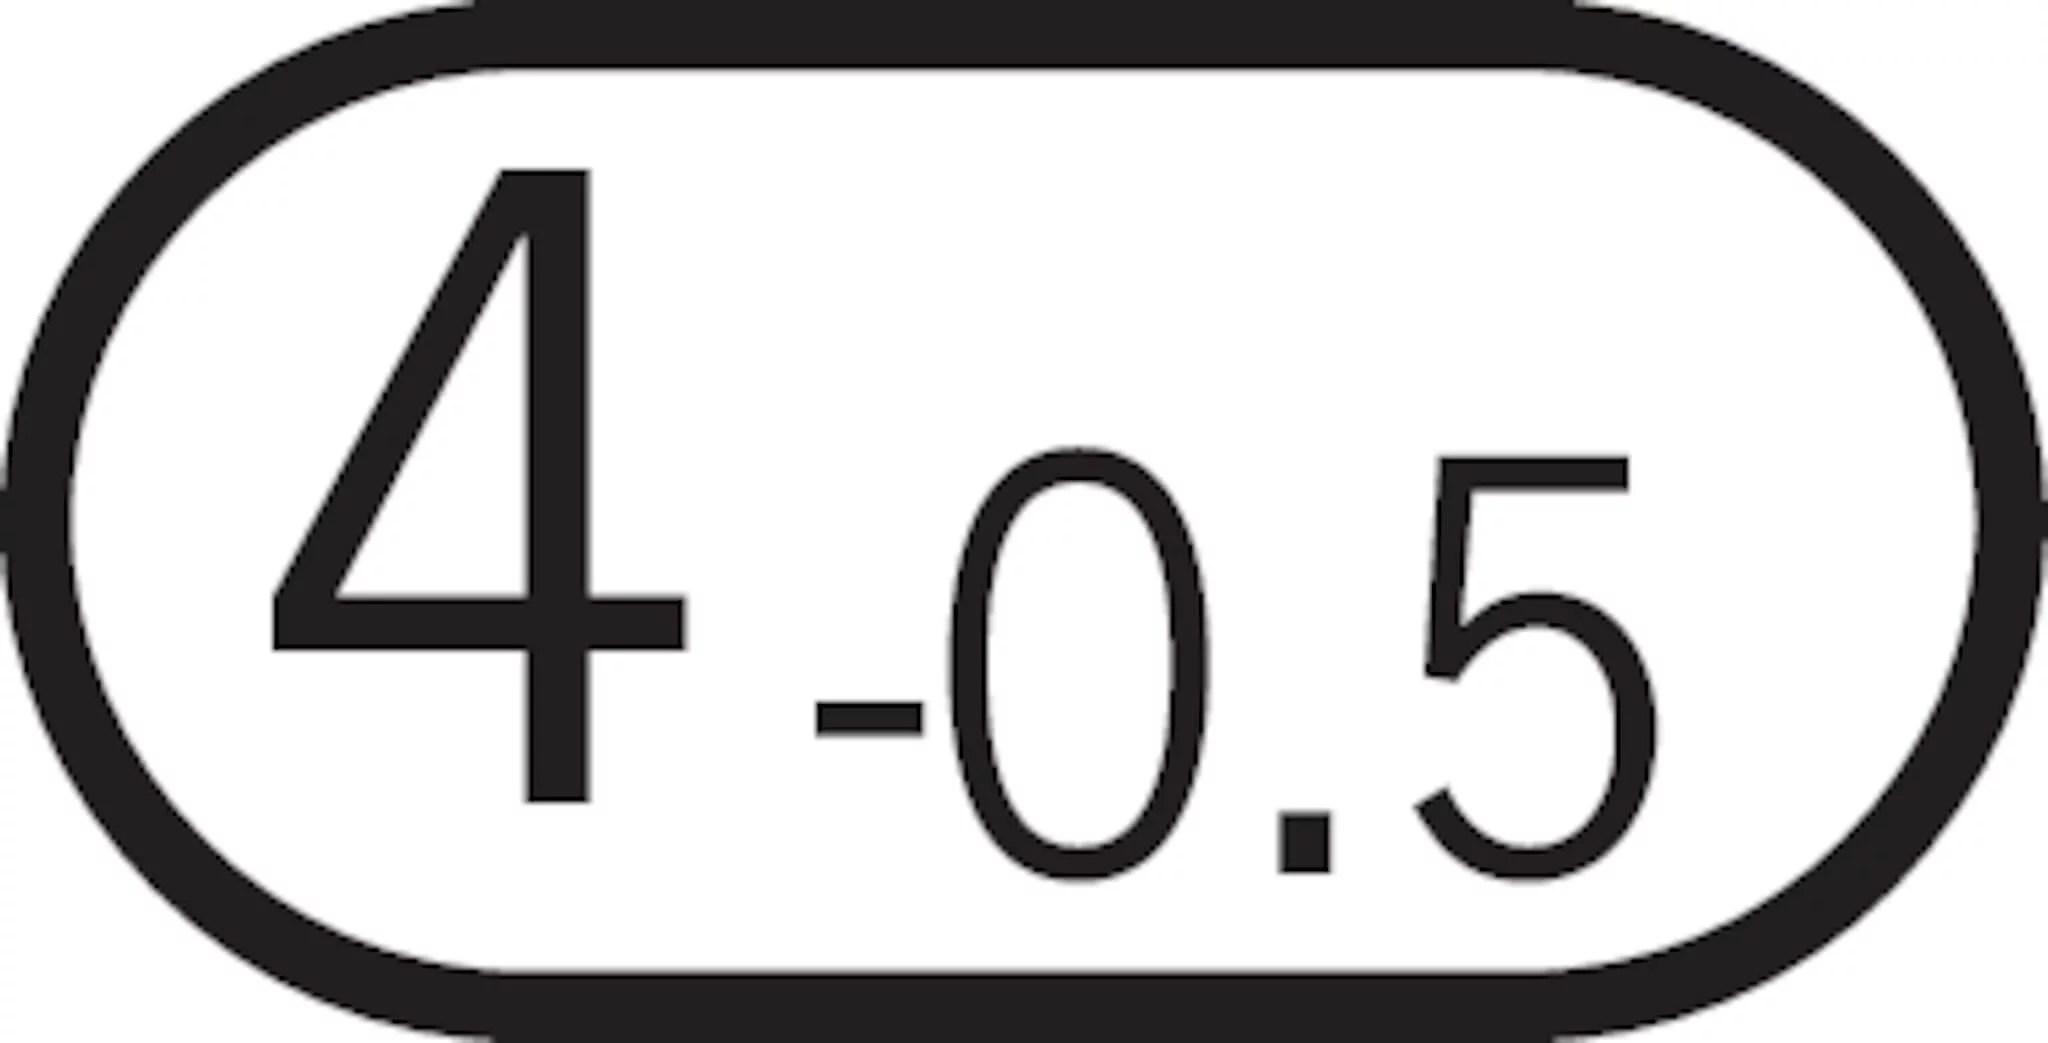 Gsbf02r12 502 Mc